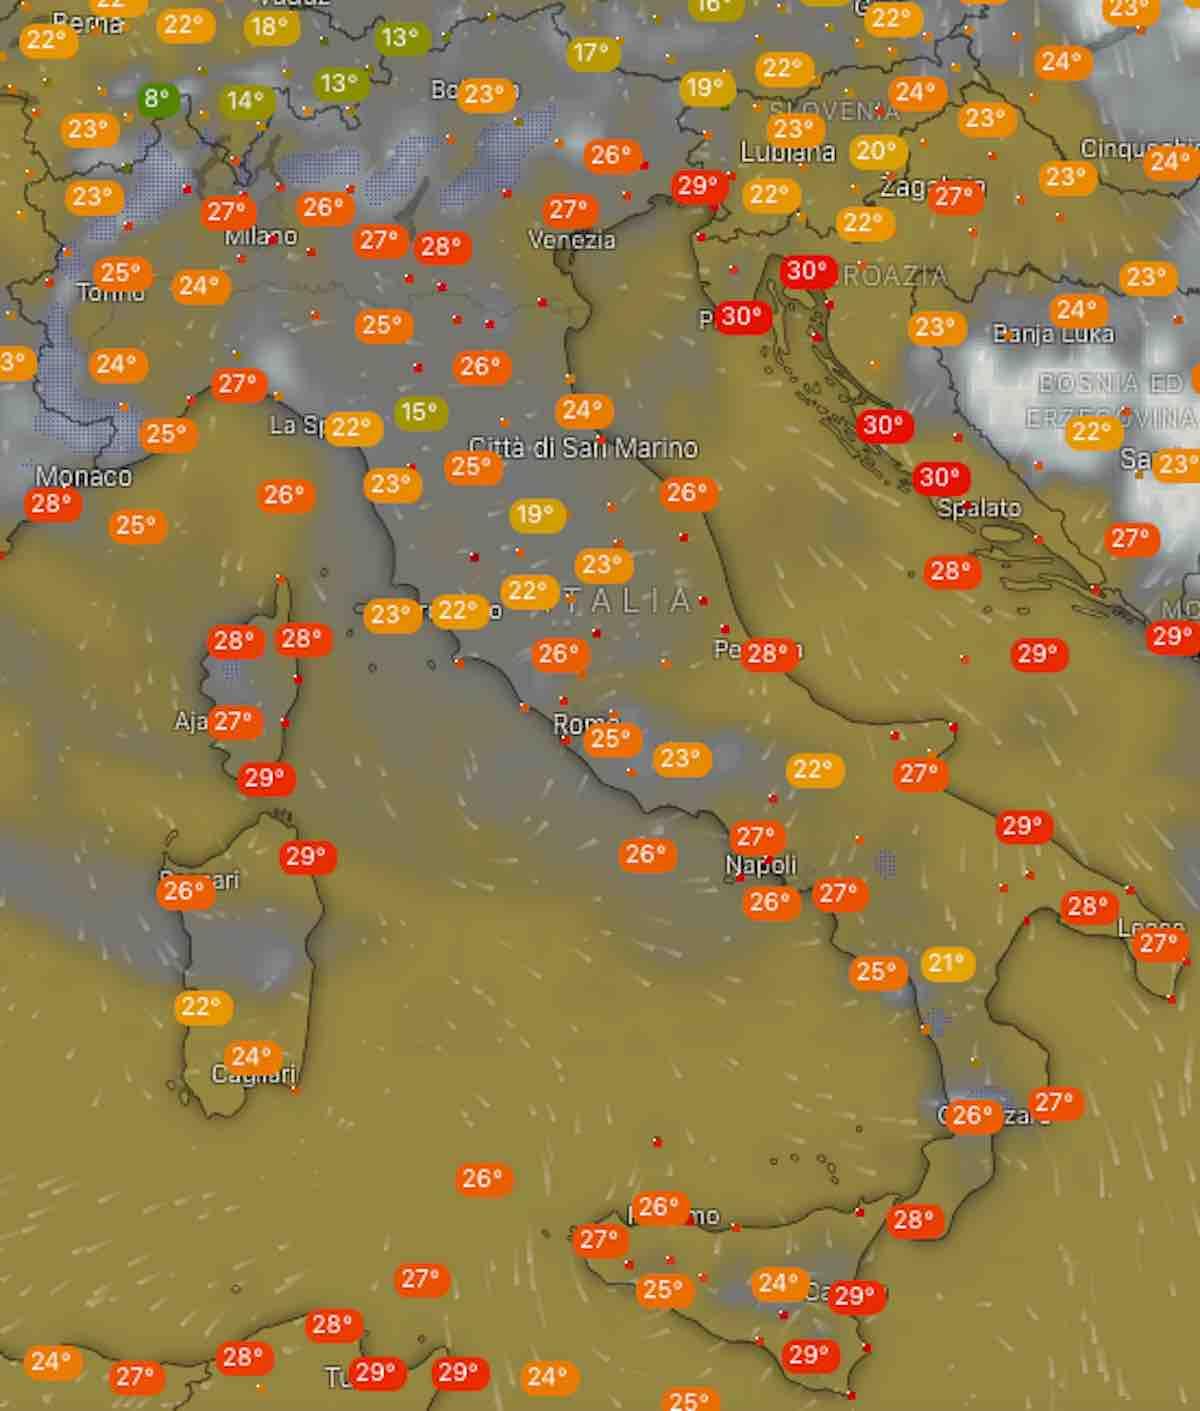 Settimana di caldo intenso, soprattutto in alcune regioni